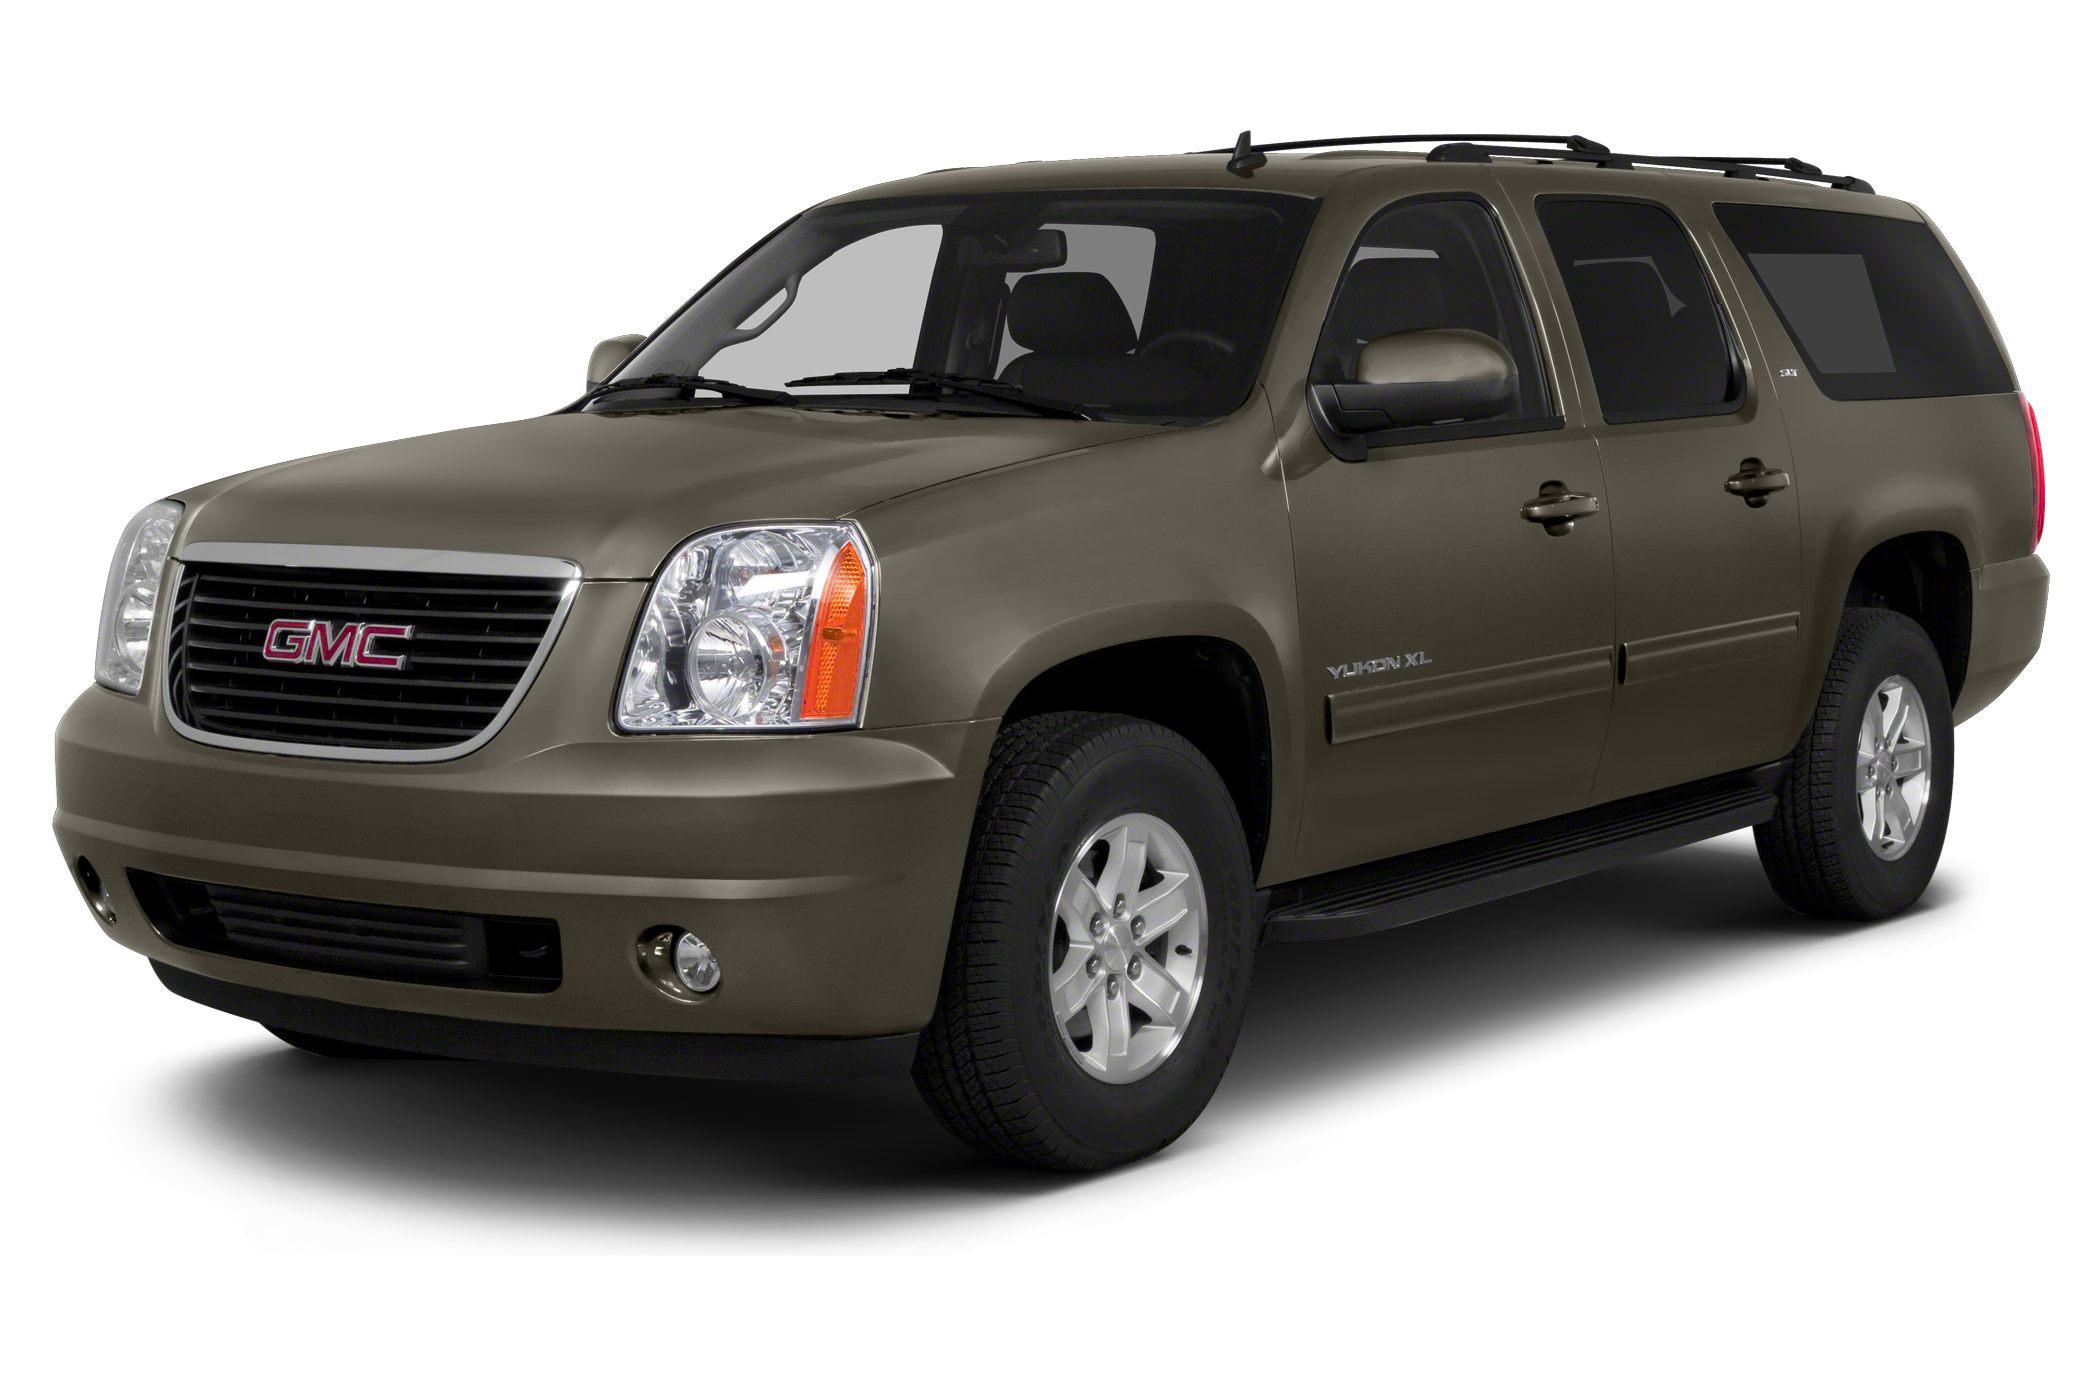 2013 GMC Yukon XL 1500